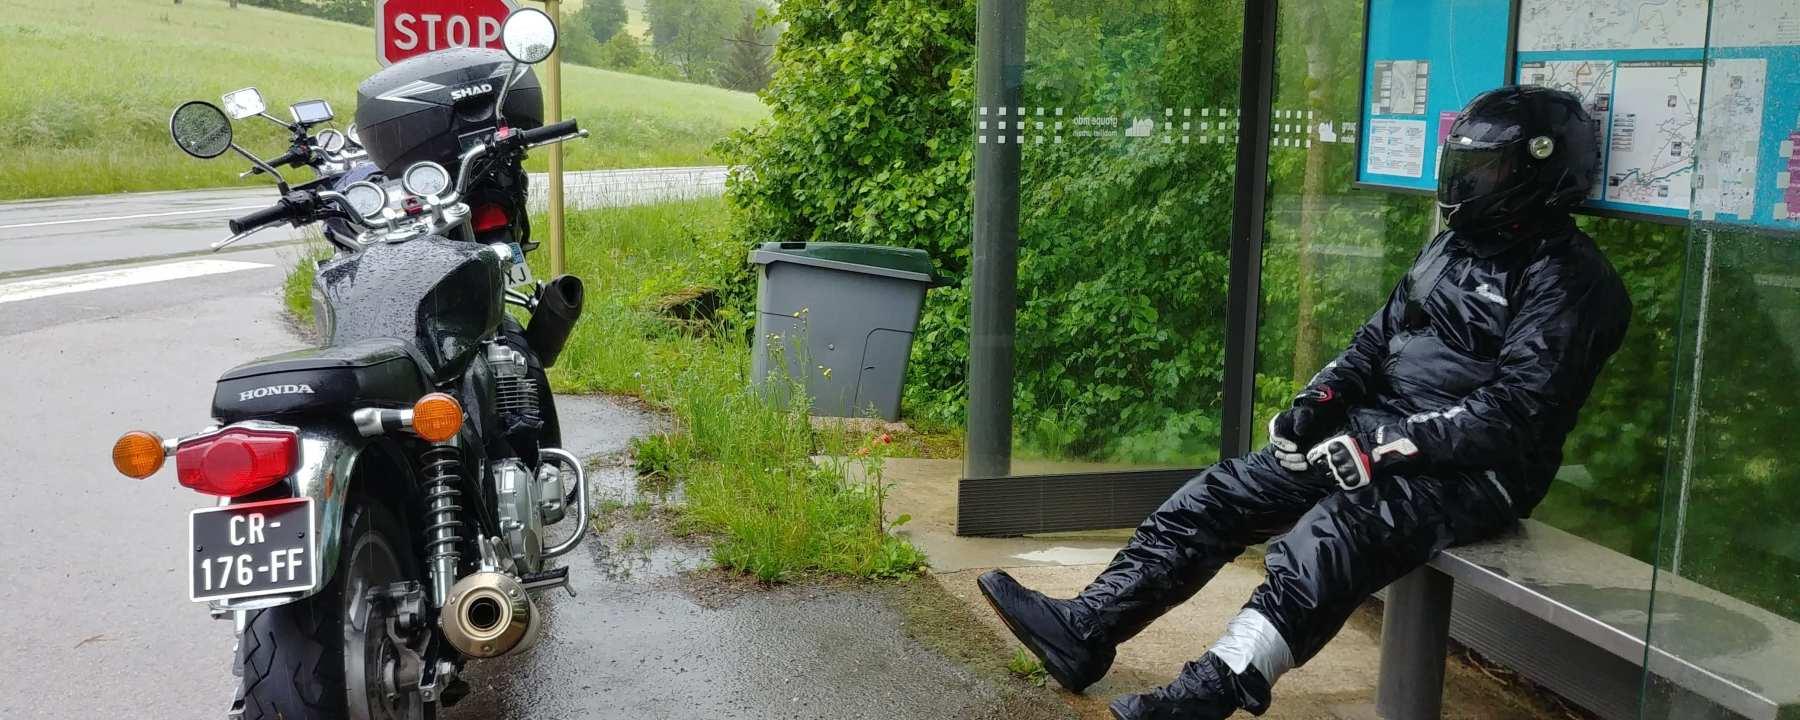 Photo du roadster Honda CB110 pendant un road trip sous la pluie